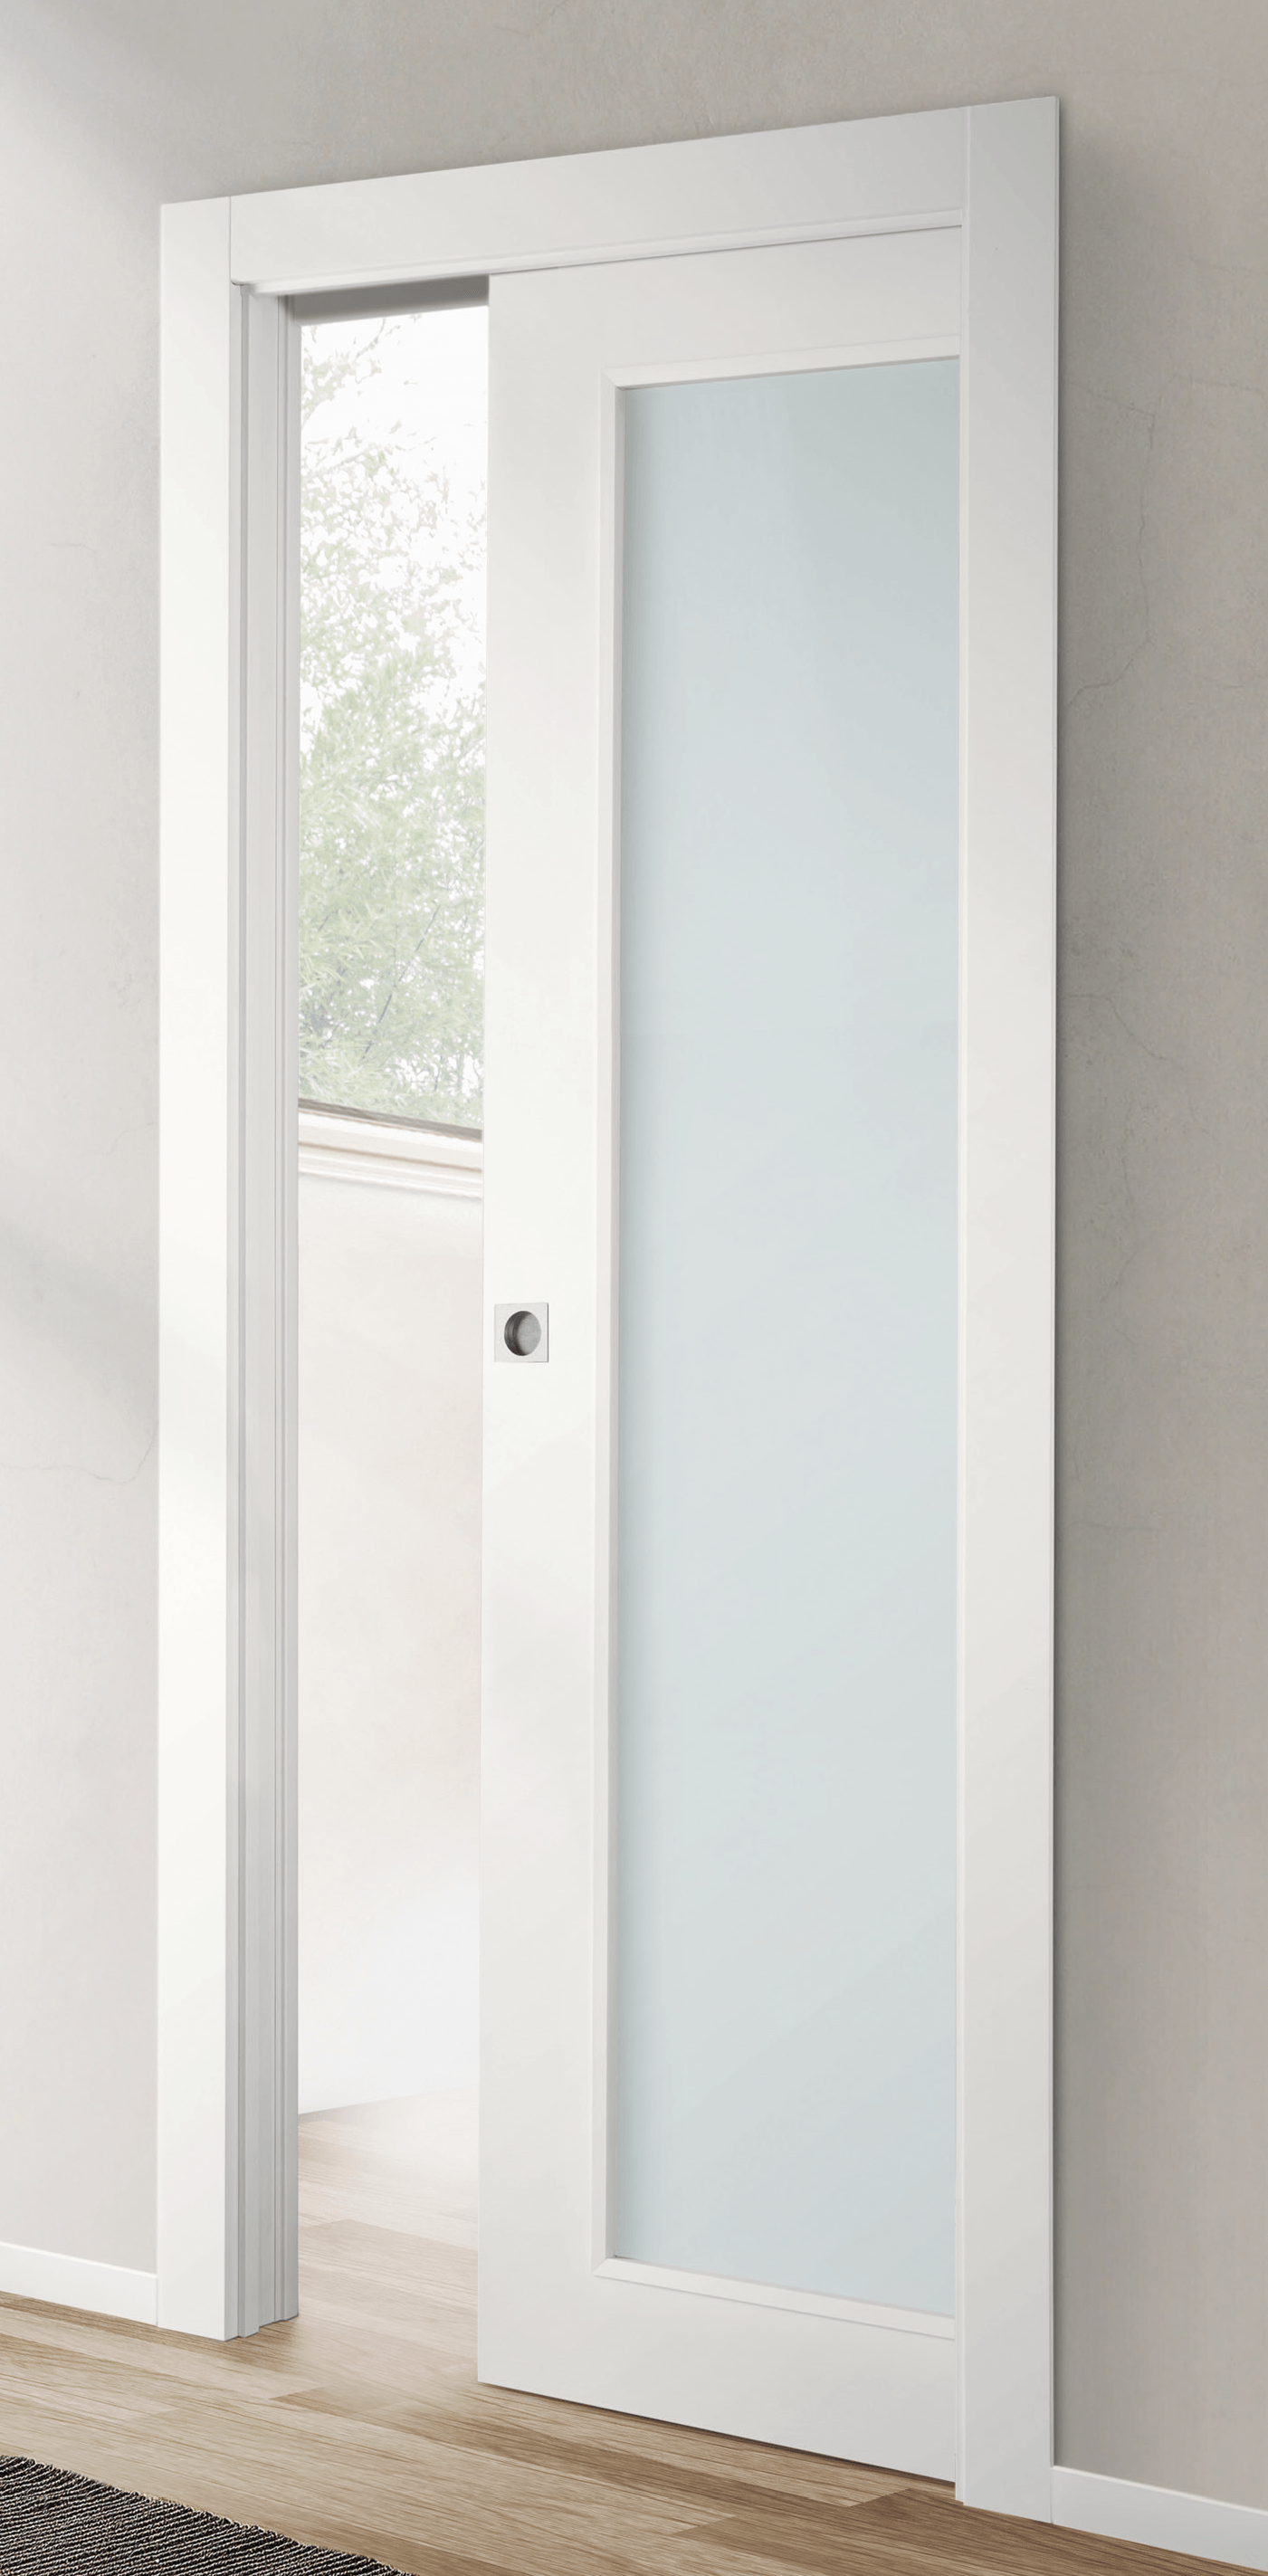 Ispirazioni cucina esterna - Porte in vetro per bagno ...